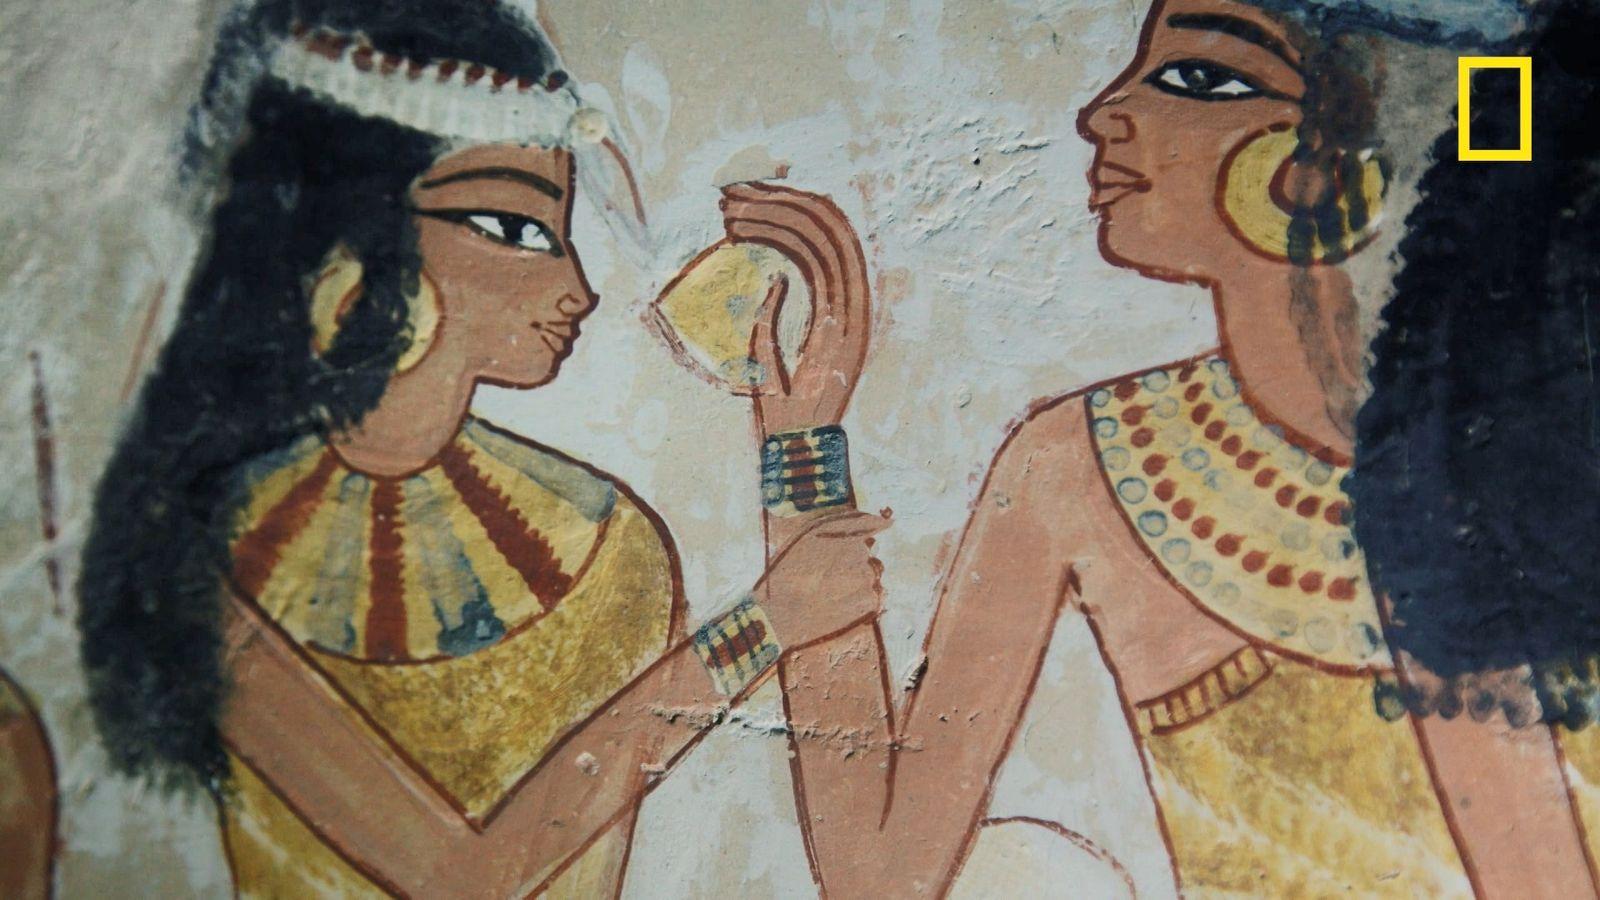 Ce harem datant de l'Égypte antique est plus grand que la Maison-Blanche